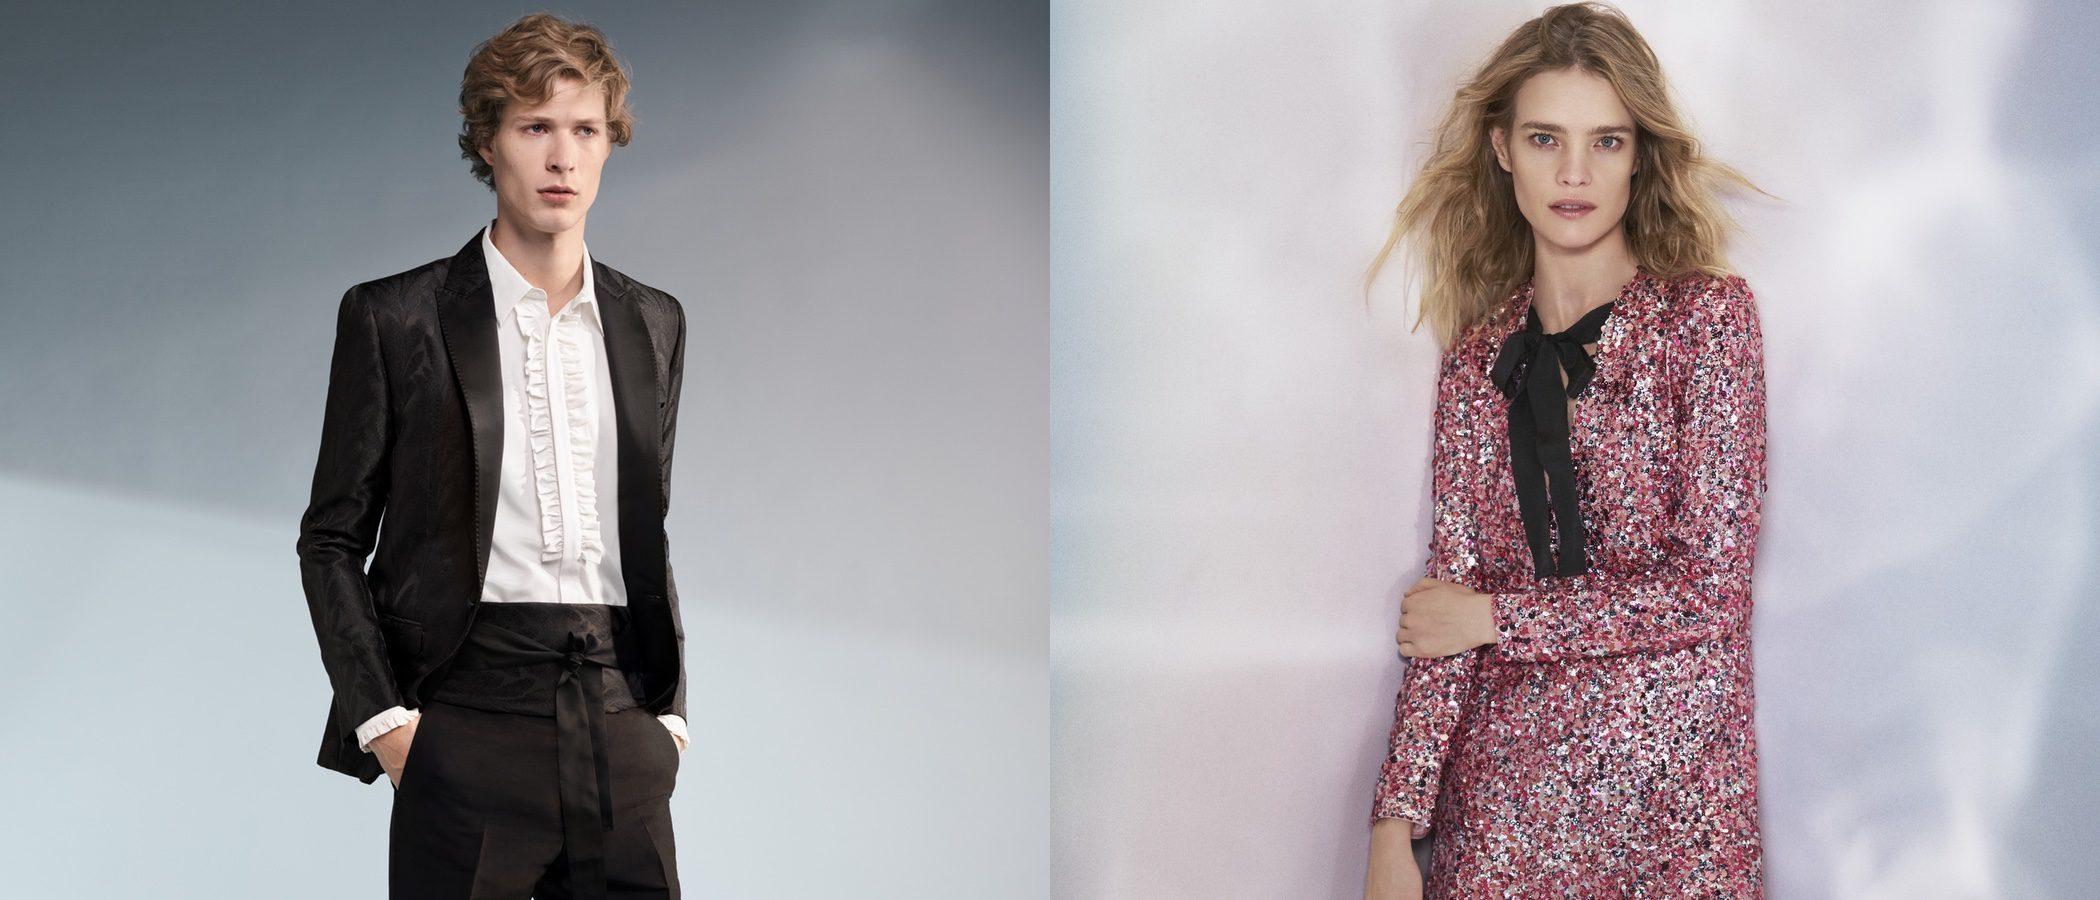 H&M lanza 'Conscious Exclusive 2017', la colección más sostenible y ecológica de la temporada